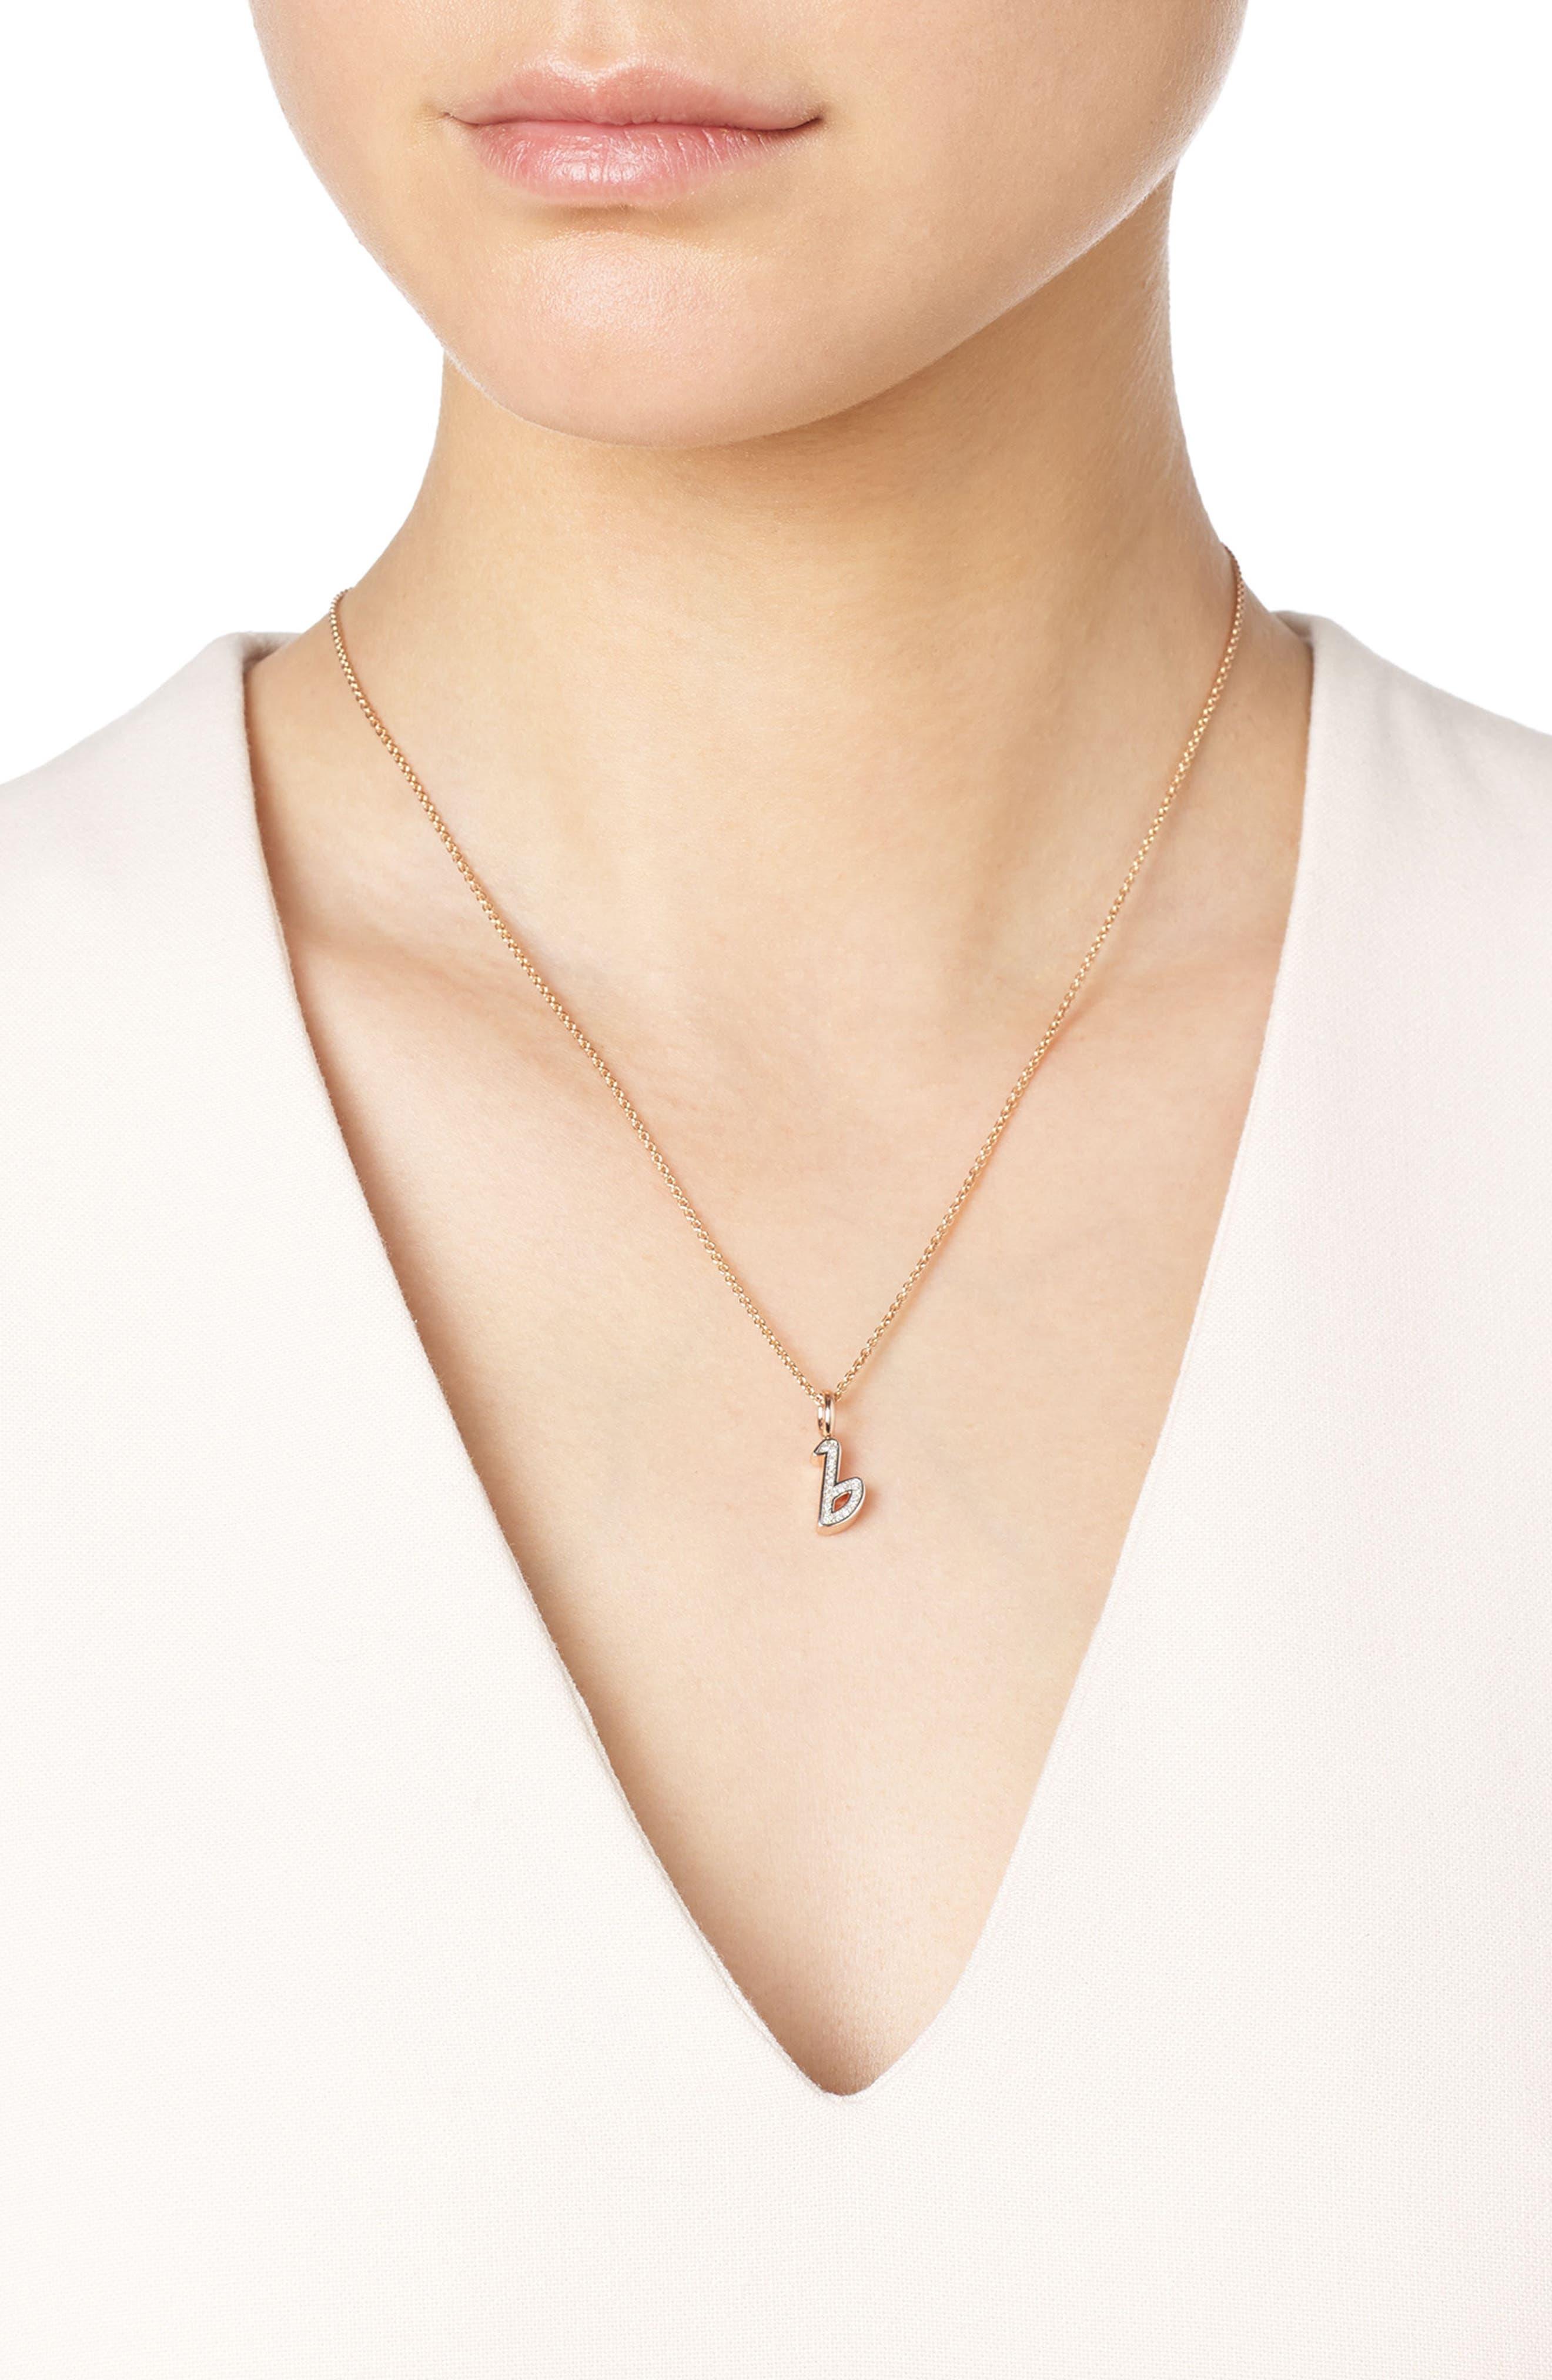 Diamond Initial Pendant Charm,                             Alternate thumbnail 2, color,                             Rose Gold/ Diamond- B